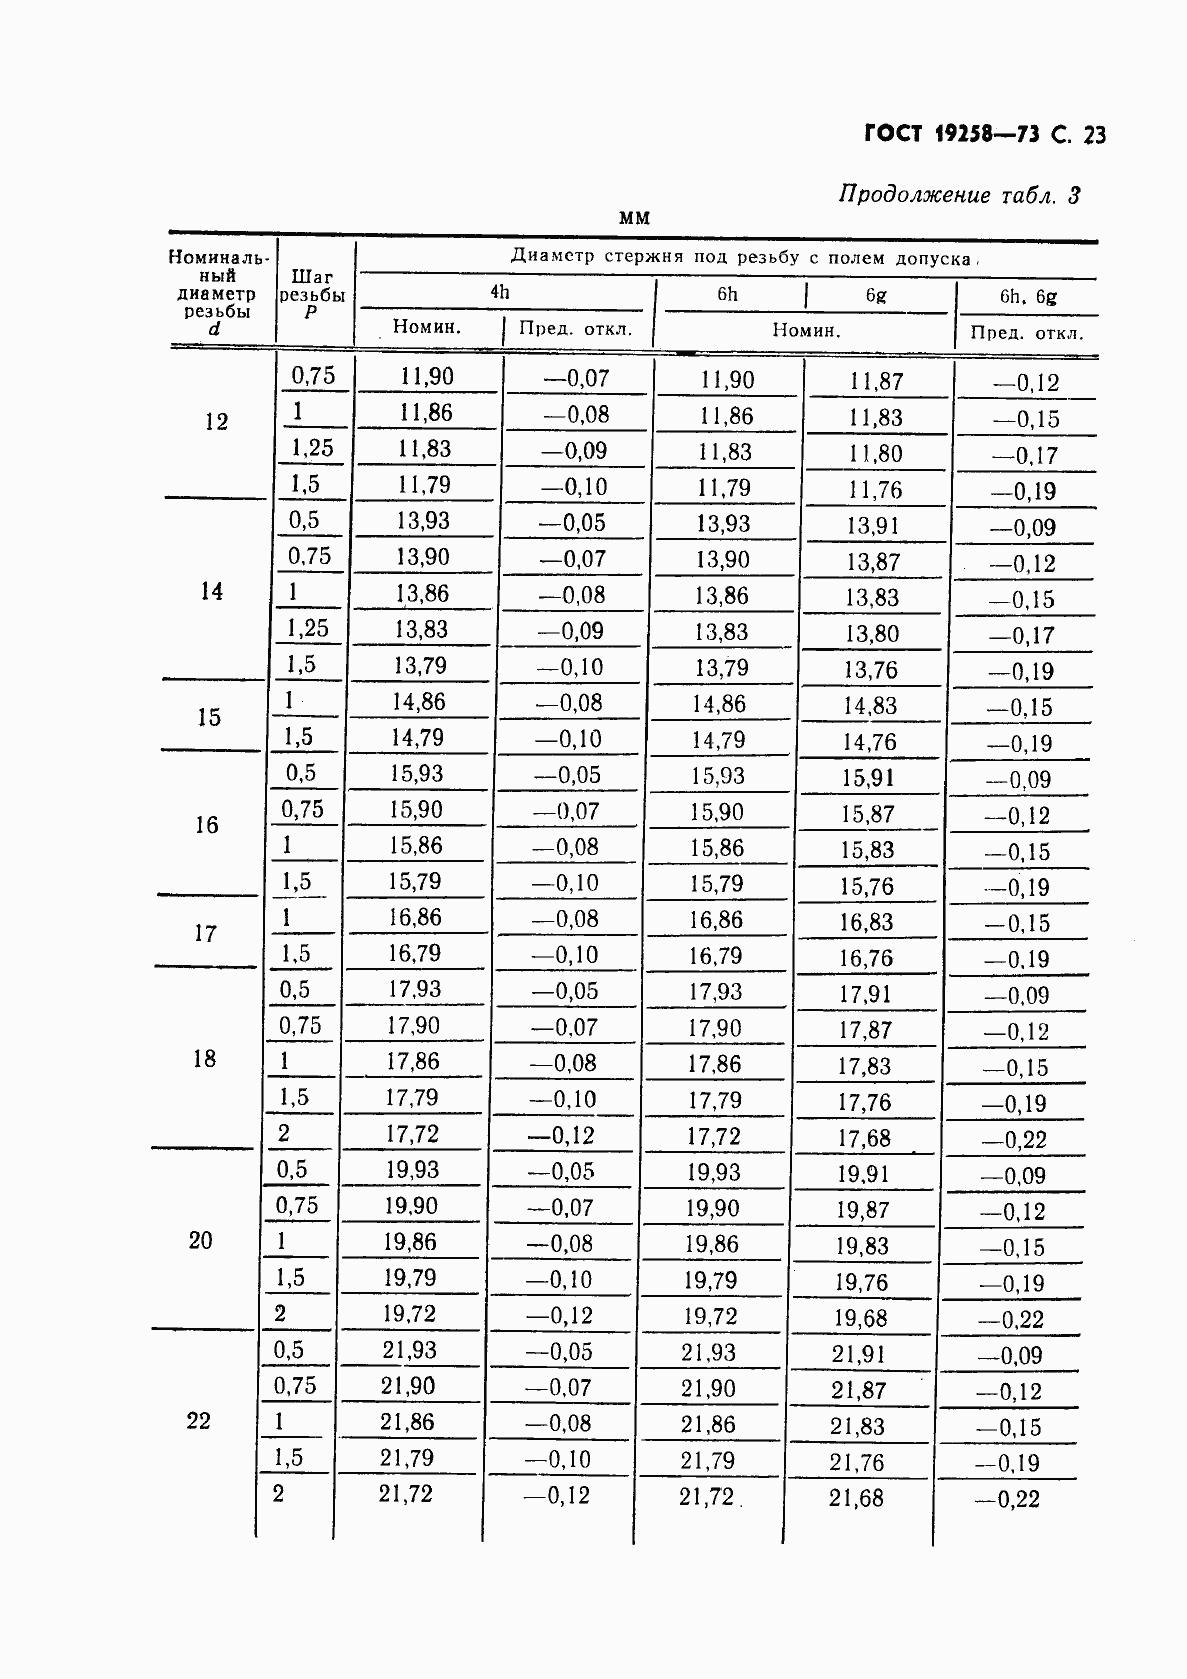 ГОСТ 19258-73. Страница 25